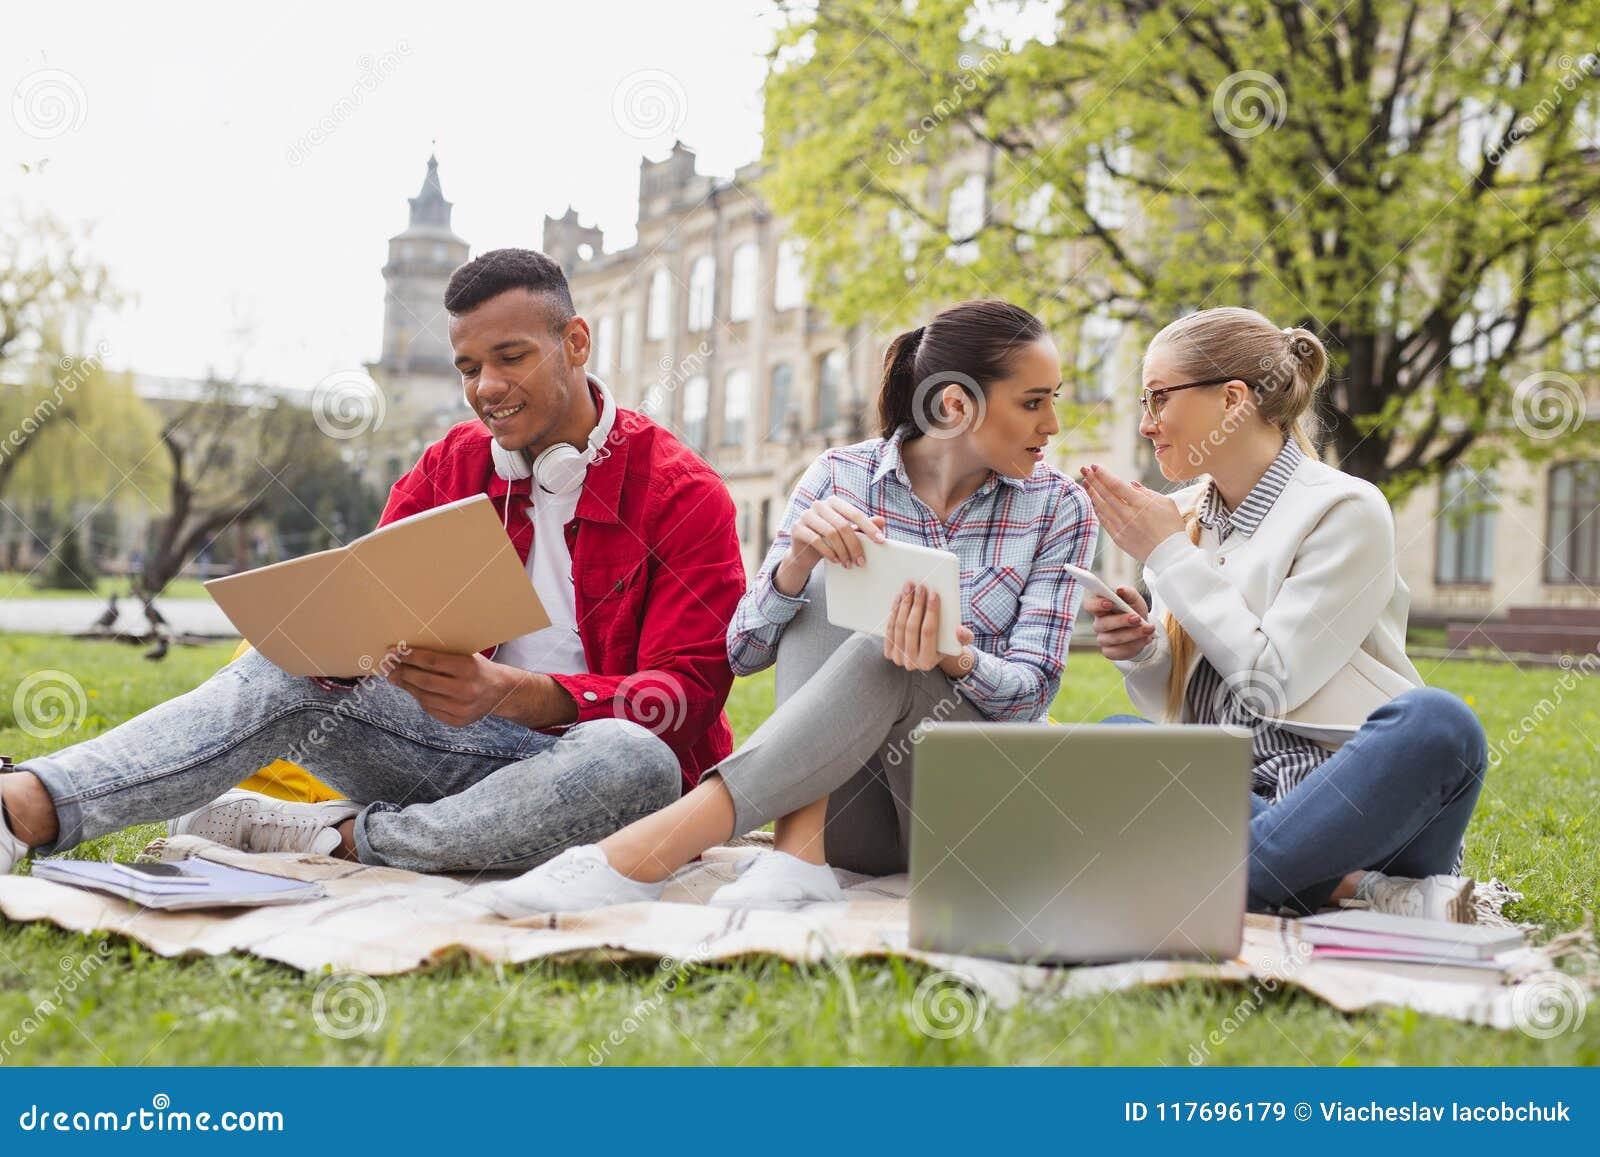 Estudantes de troca que conversam um com o otro passando o tempo livre junto